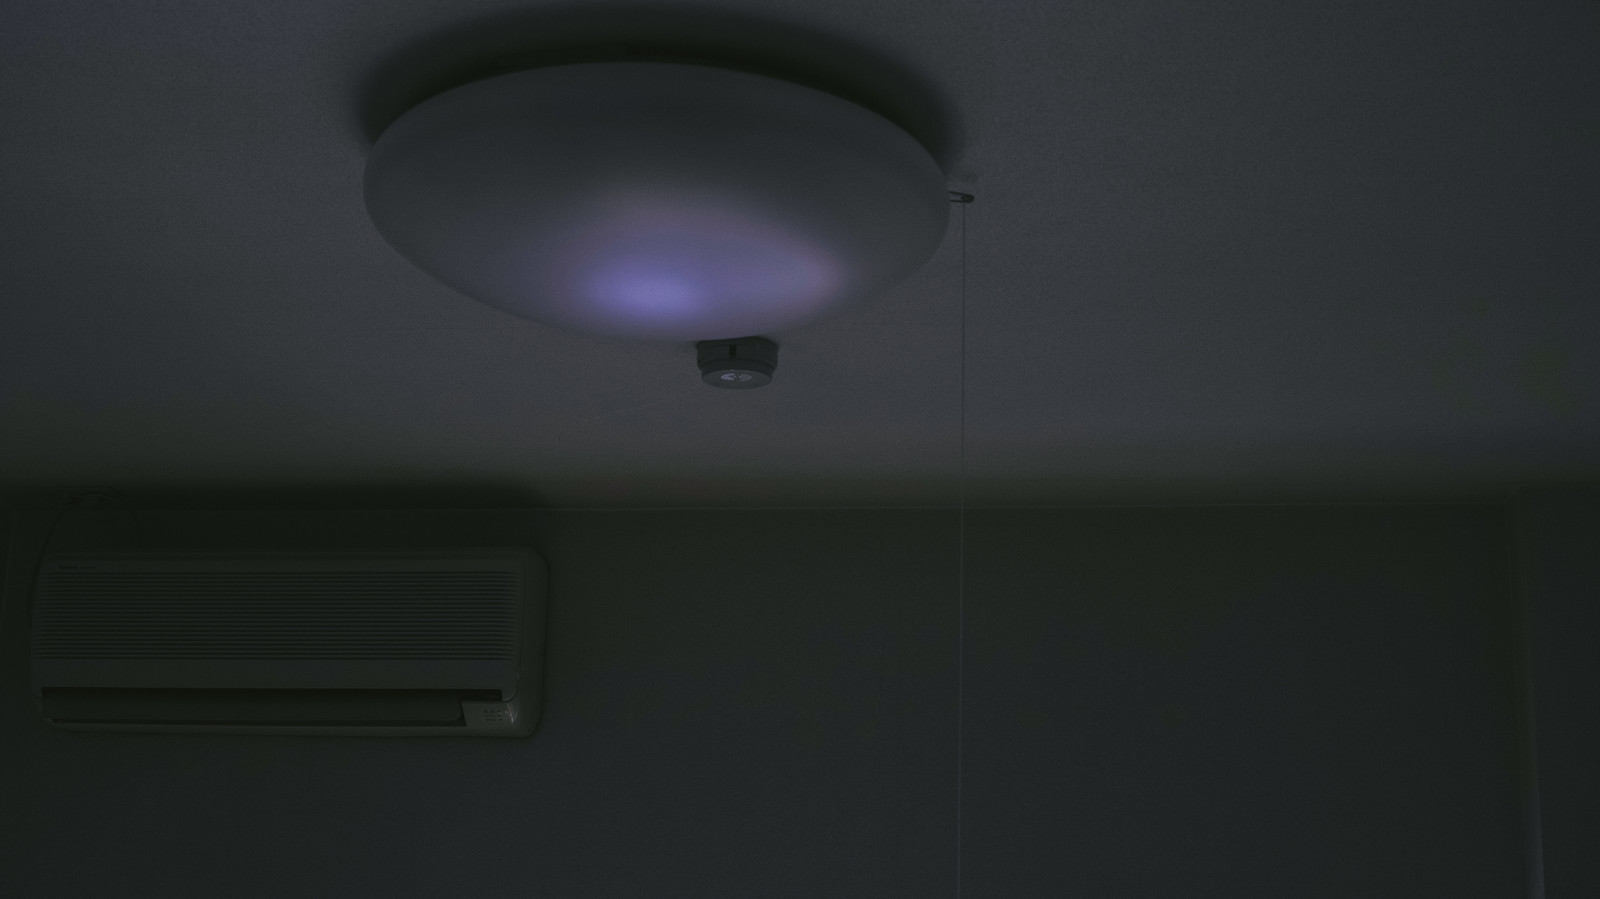 「電気が止められた・・・電気が止められた・・・」のフリー写真素材を拡大